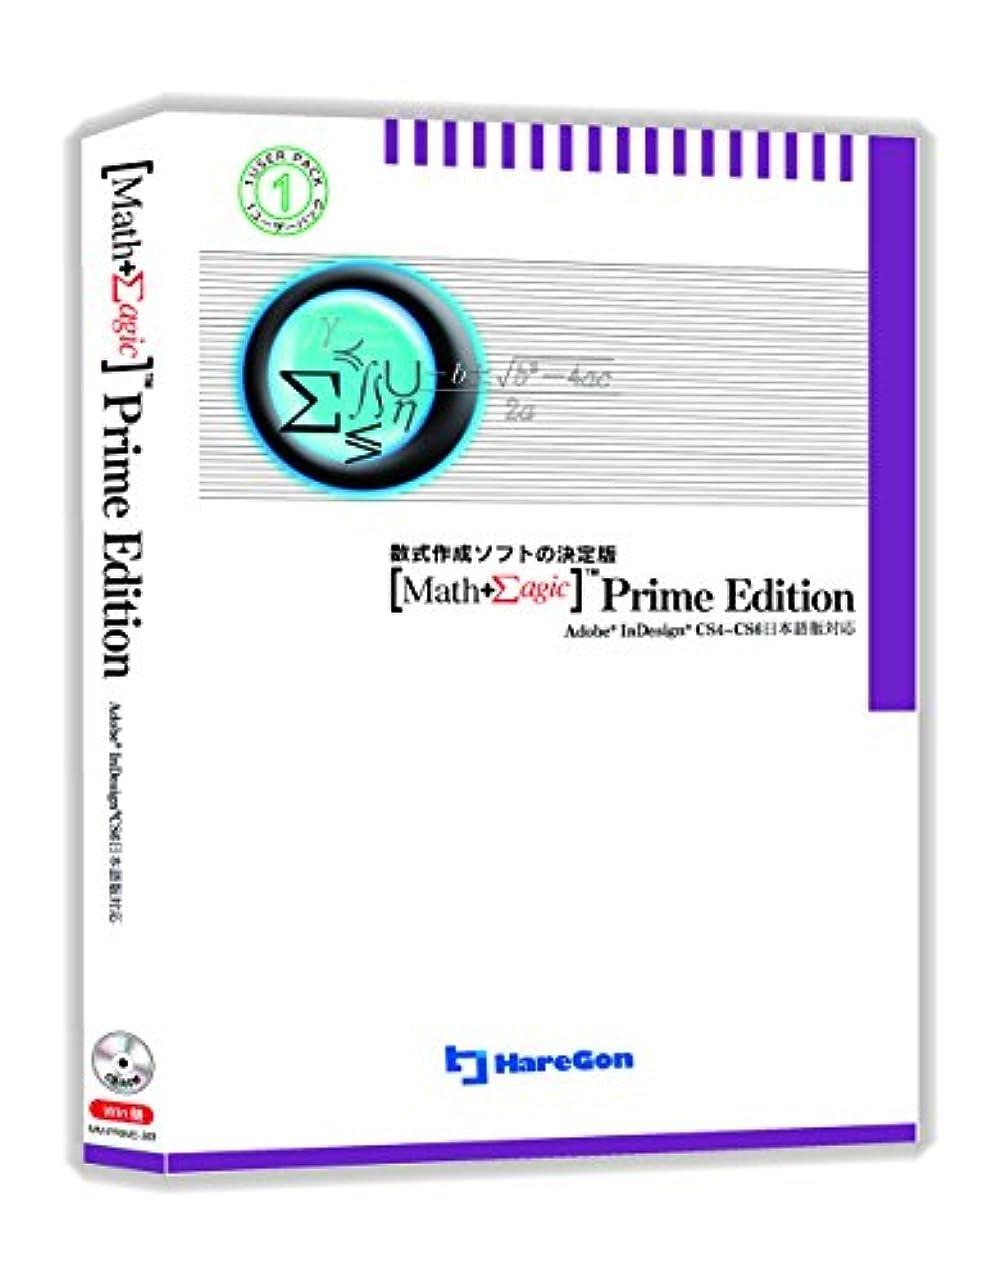 天才失速盆MathMagic Prime Edition 1User (Win) for InD